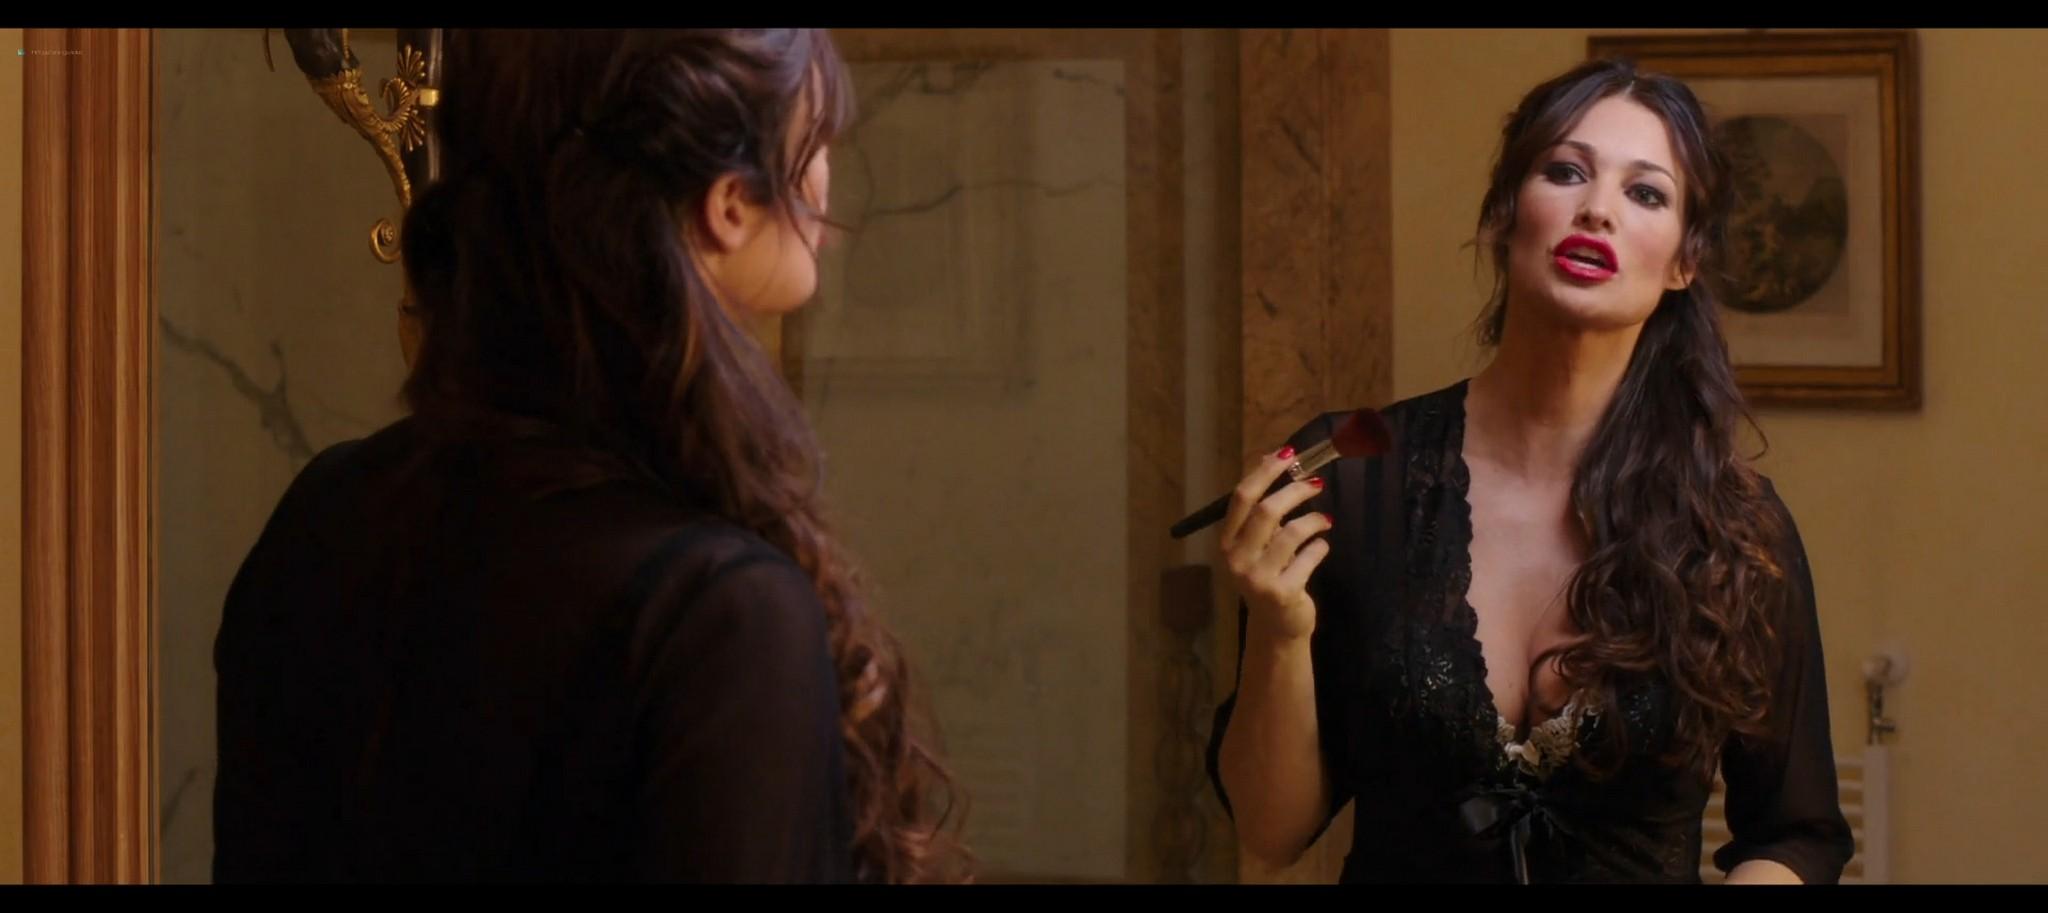 Manuela Arcuri hot bust Ria Antoniou sexy Non si ruba a casa dei ladri IT 2016 HD 1080p Web 007